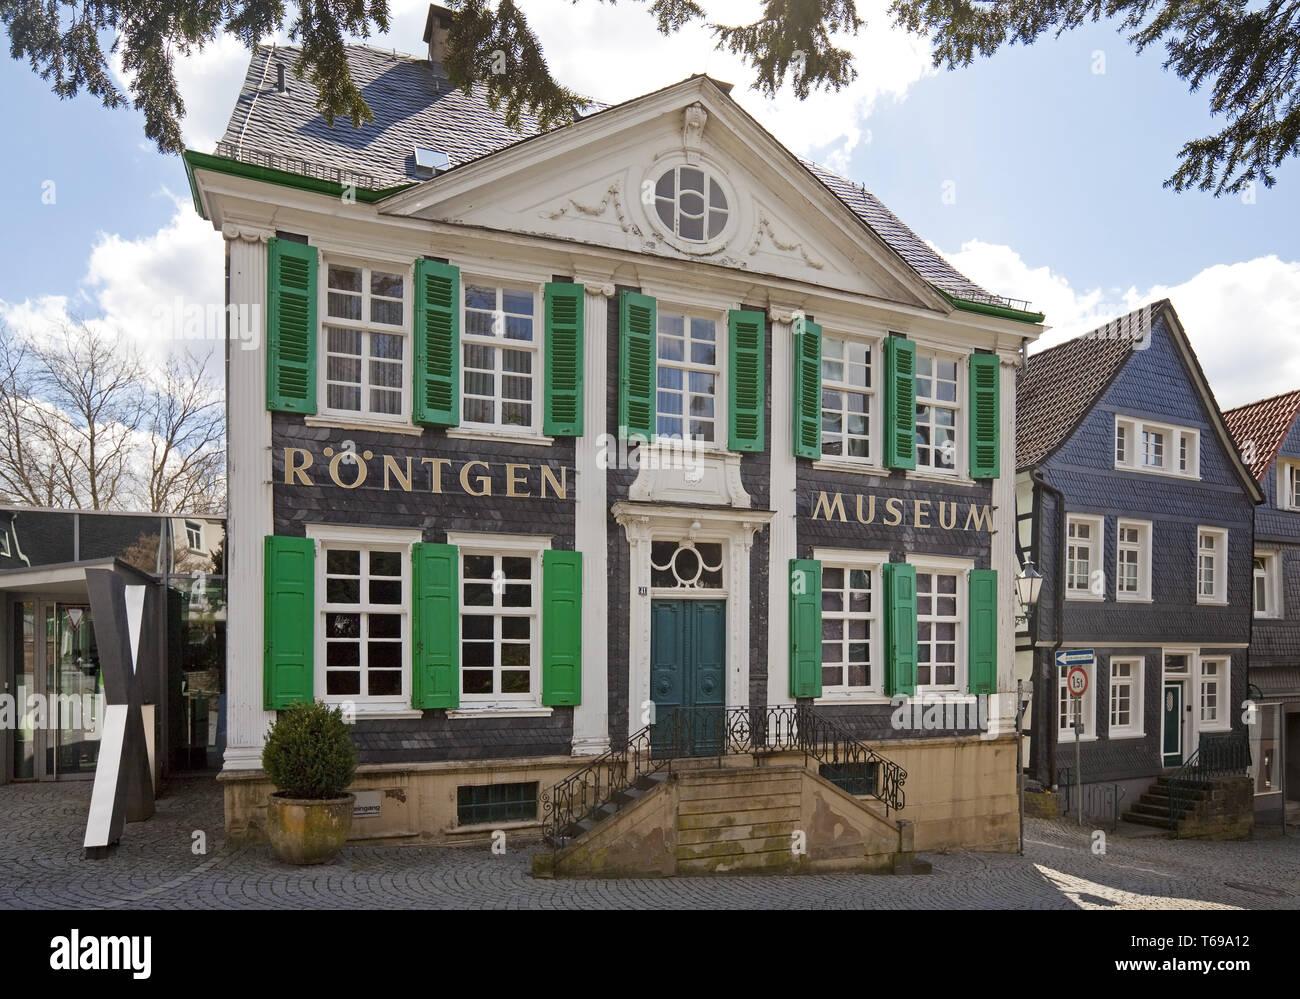 Deutsche Roentgen-Museum mit Kirche St. Bonaventura, Remscheid, Nordrhein-Westfalen, Deutschland Stockfoto